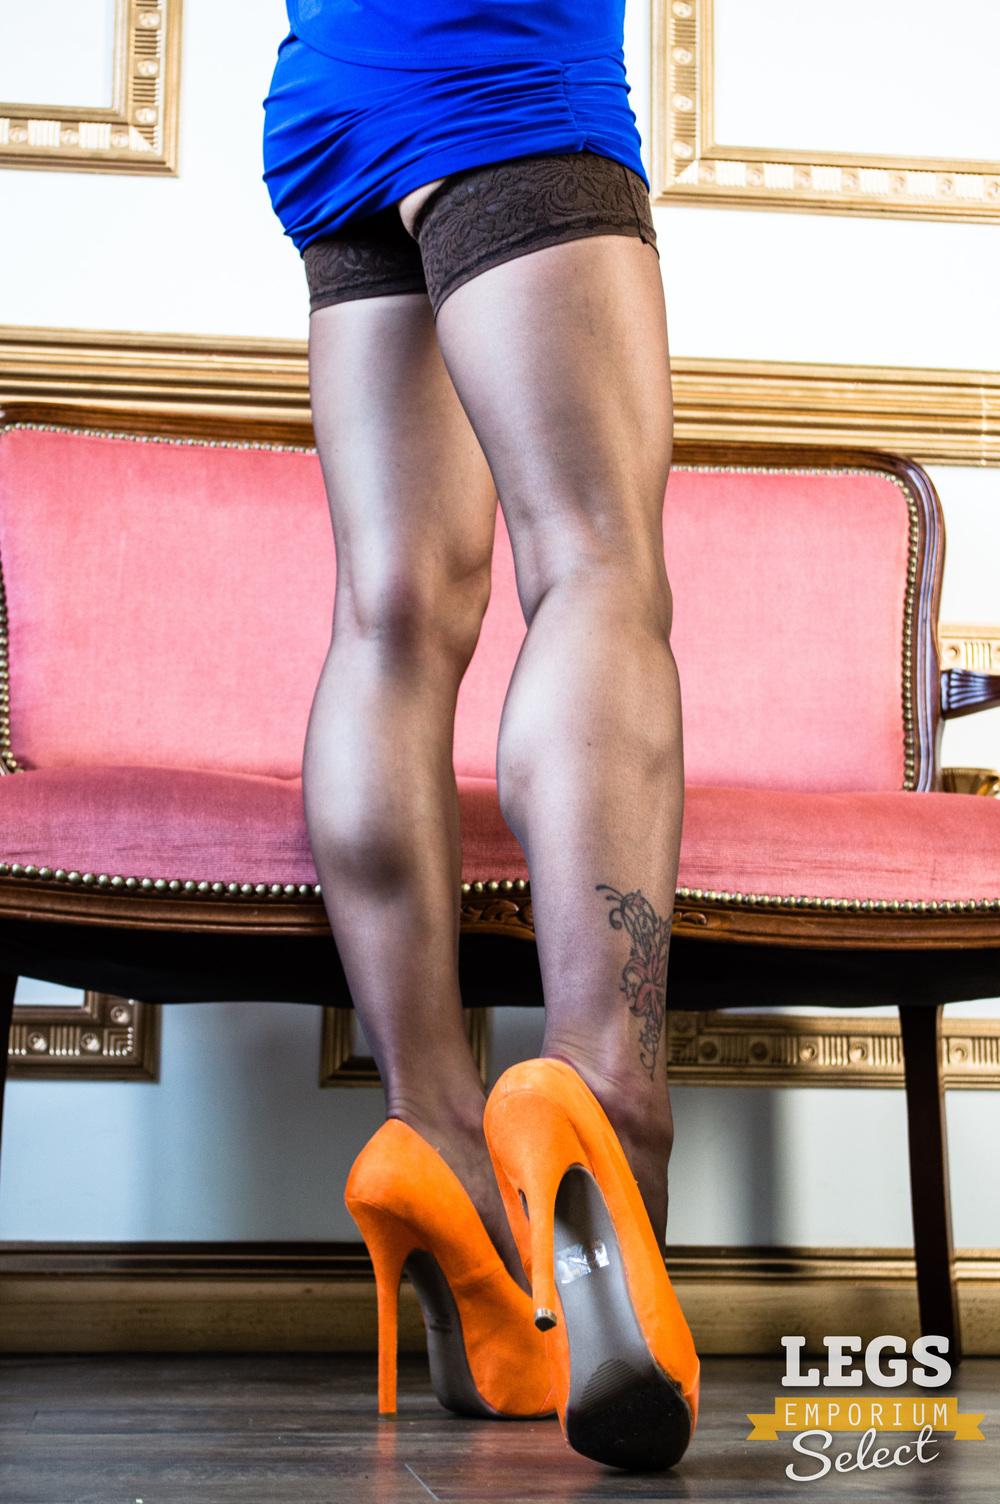 Legs_Emporium_Kaylee_097.jpg